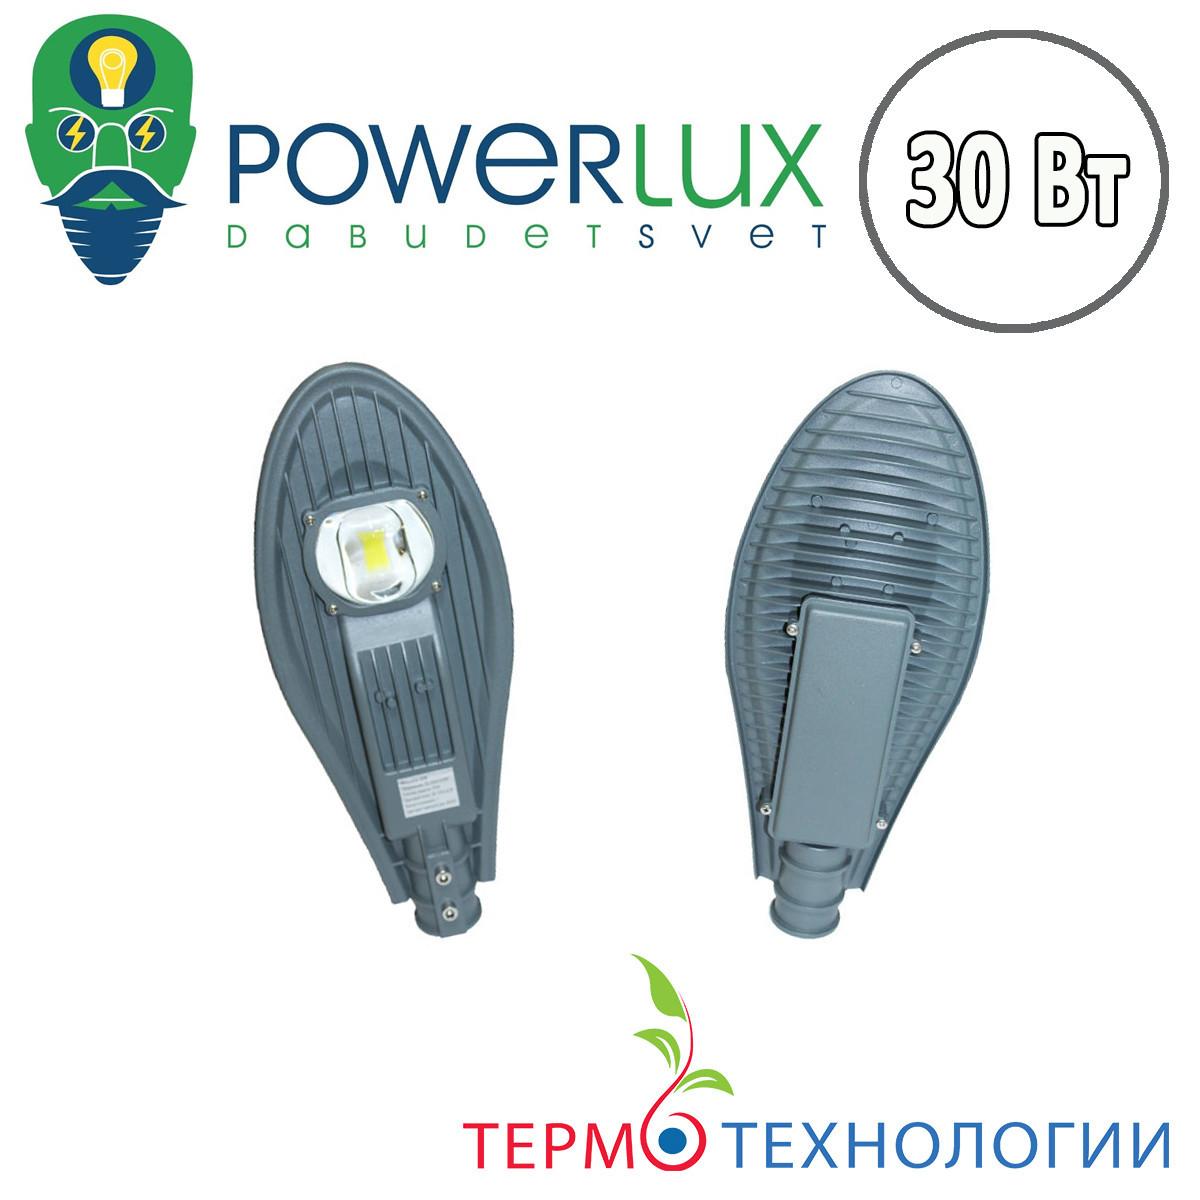 Светодиодный светильник POWERLUX 30W Platinum